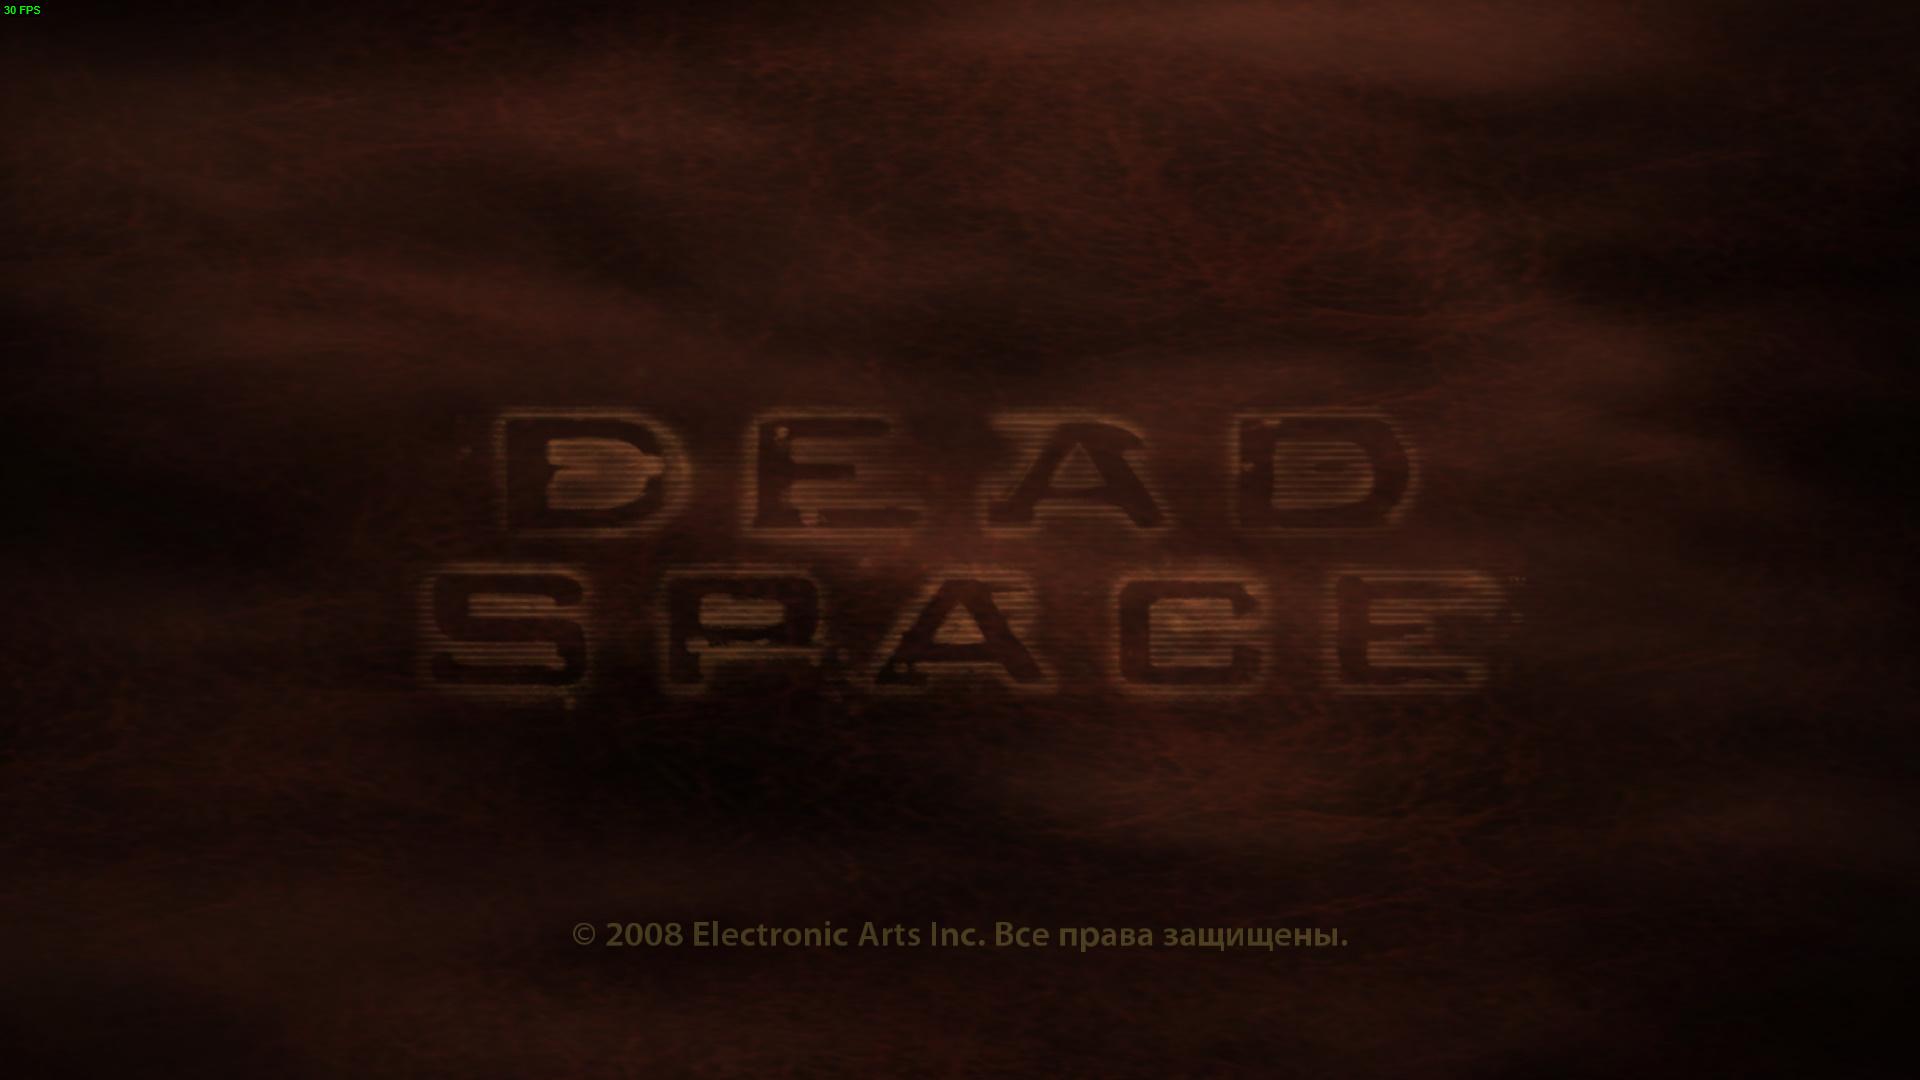 Dead Space 2017-09-13 11-13-41-880.jpg - Dead Space